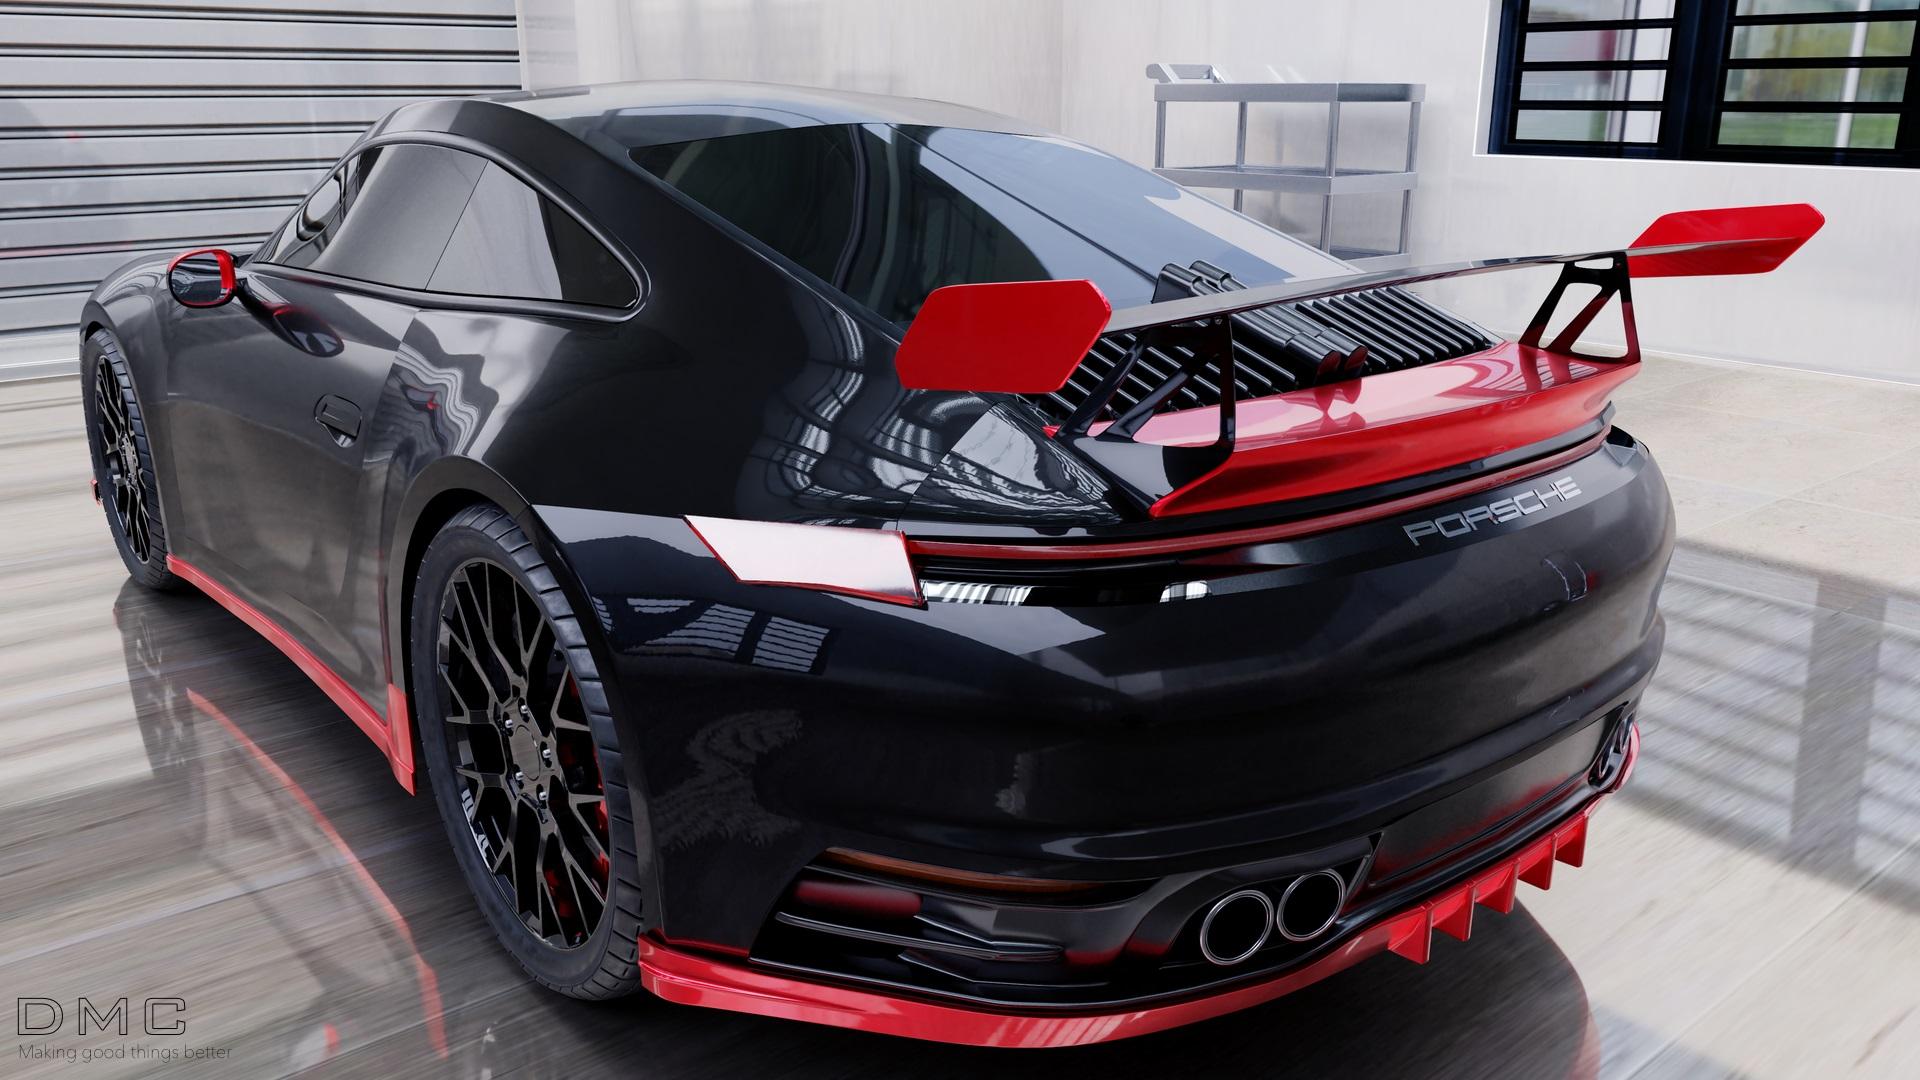 Porsche-911-992-by-DMC-5